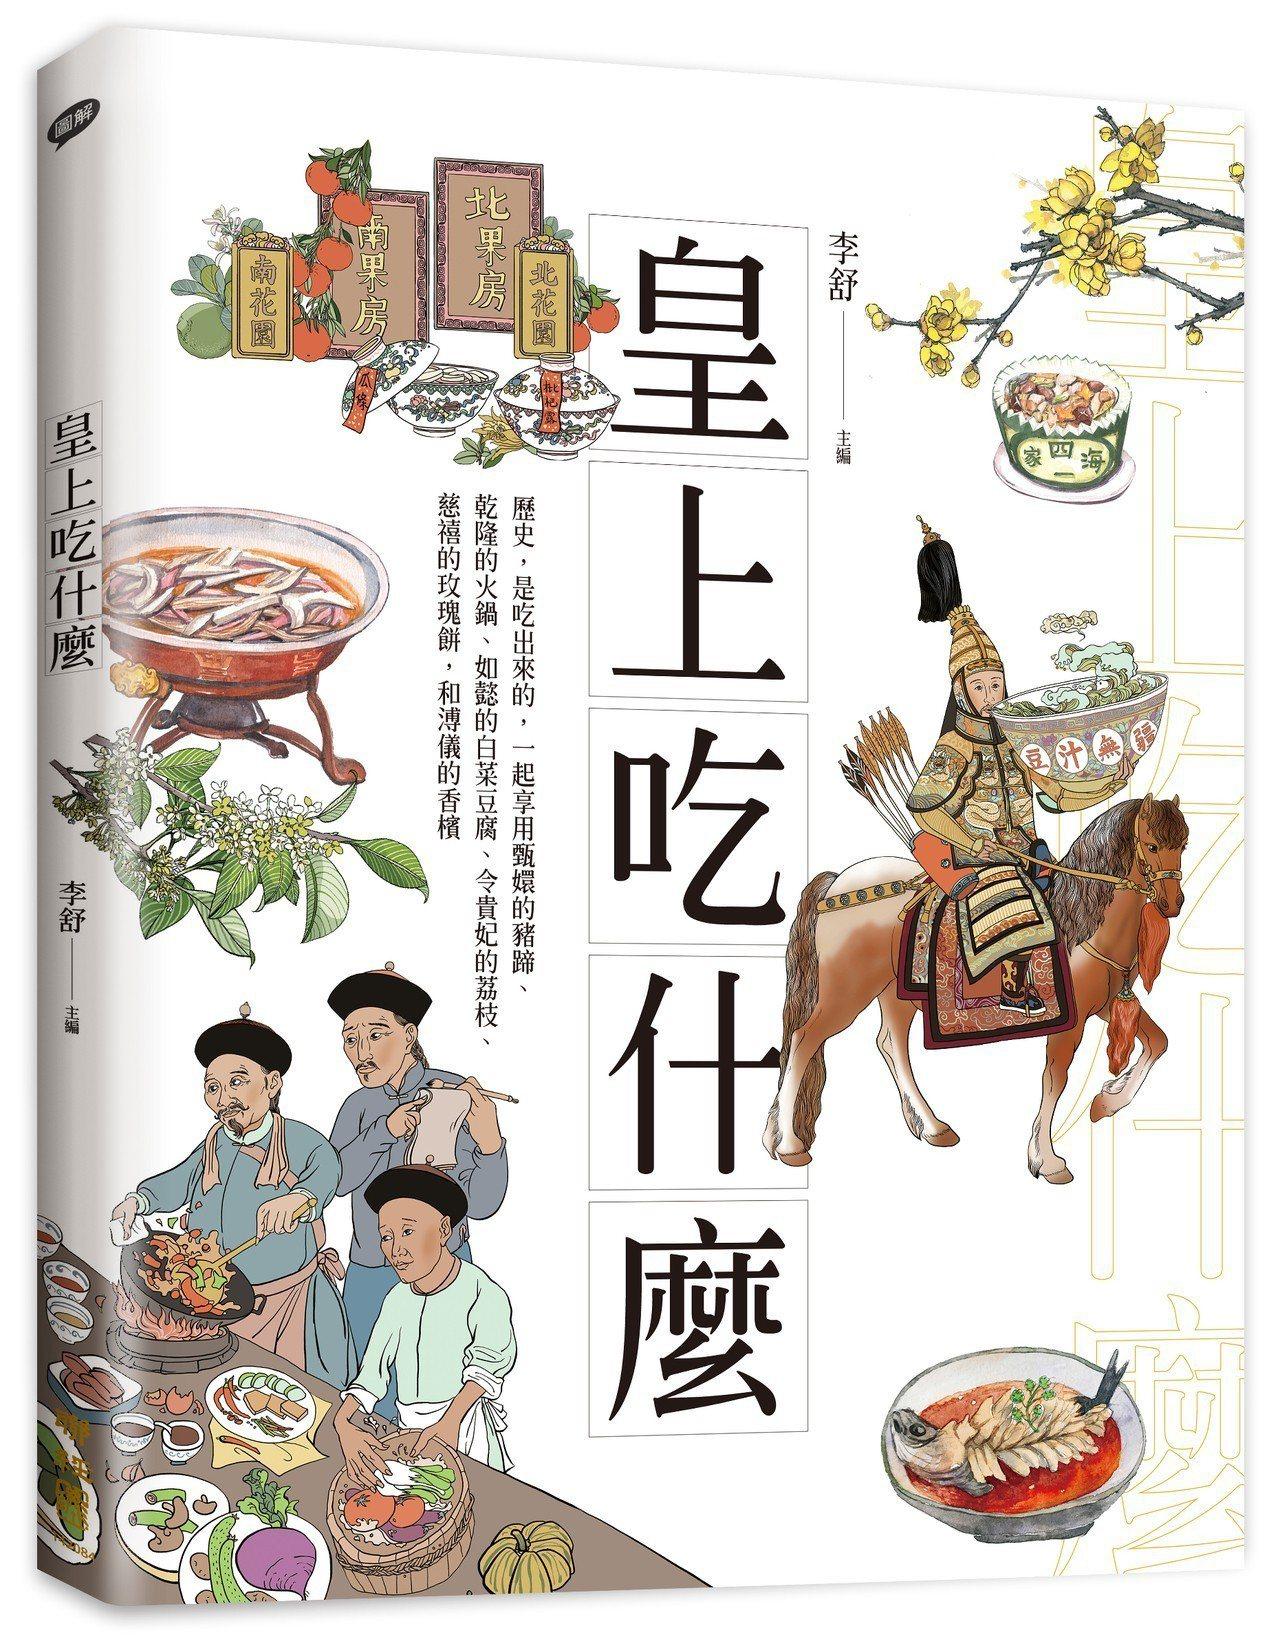 《皇上吃什麼》。圖/聯經出版提供